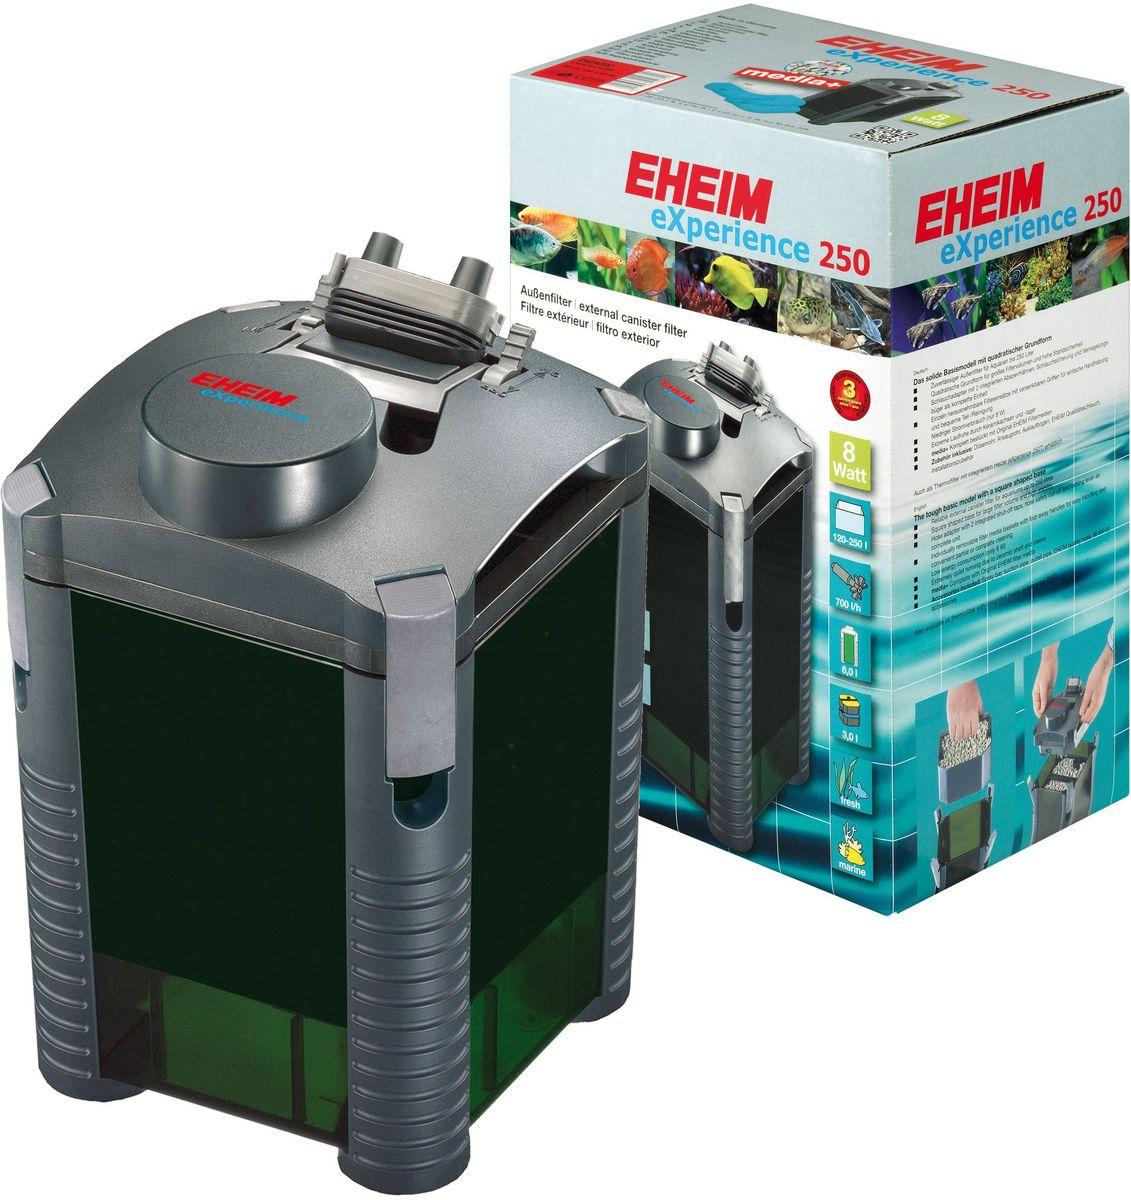 Фильтр внешний Eheim Experience 2502424020Прочная базовая модель квадратной формы для фильтров большого обьема и высокой устойчивости. Съёмный адаптер для шланга со встроенными запорными кранами,защитным покрытием шланга и прижимной скобой в виде единого блока. Отдельно съёмные корзины для наполнителей с выдвижными ручками для удобства при перемещении и удобной частичной/полной очистки.